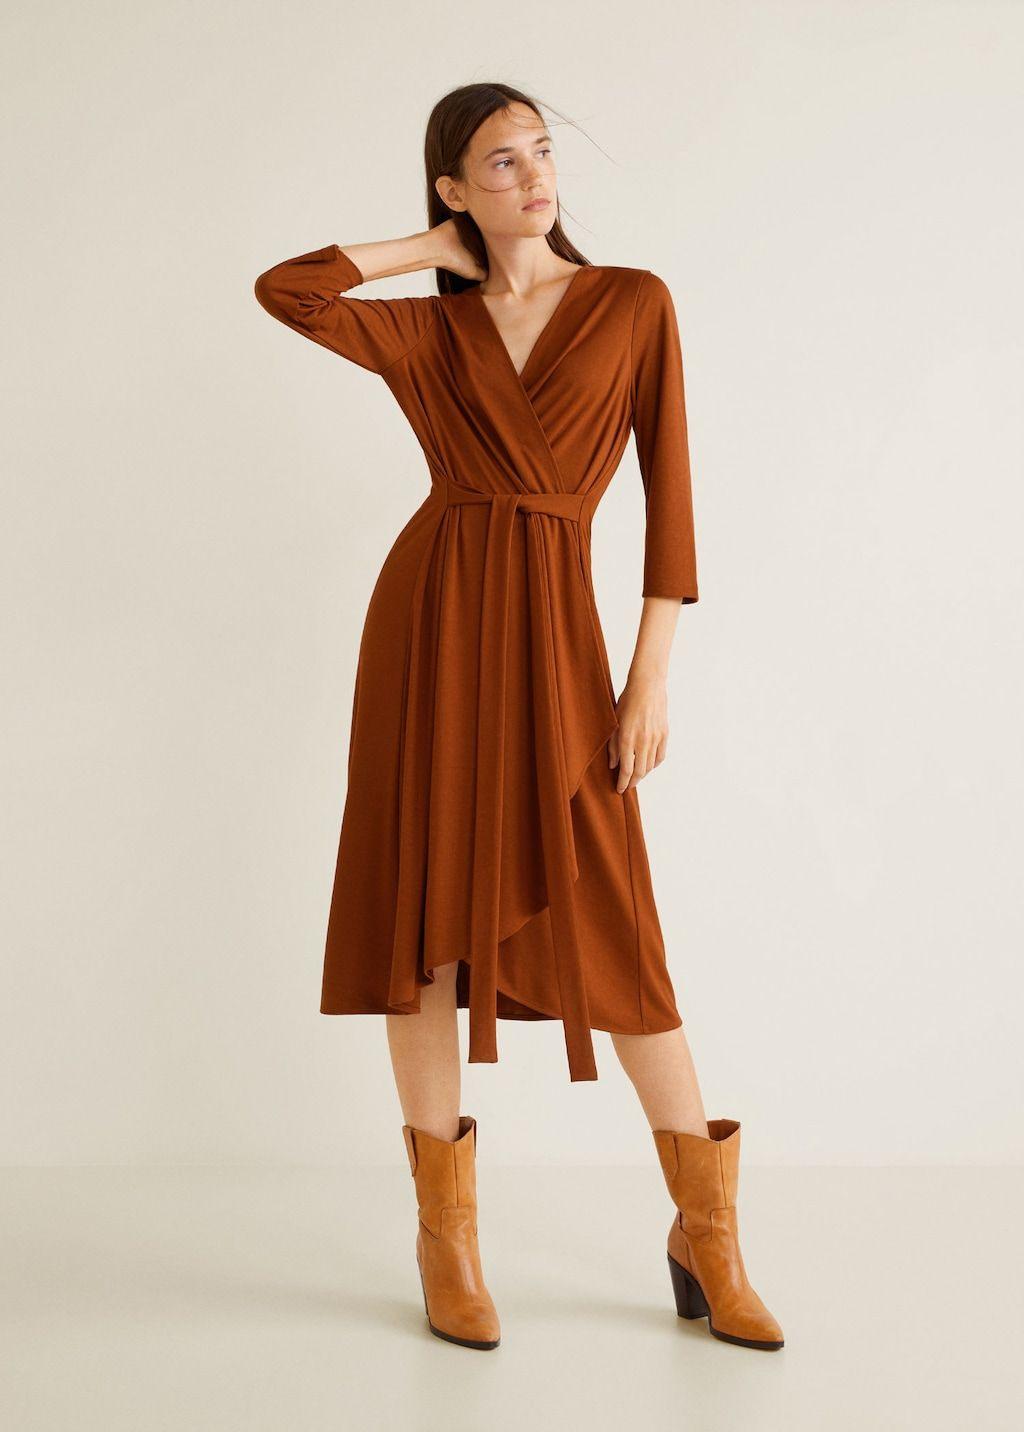 Wickelkleid Mit Taillenband  Damen  Mango Mode